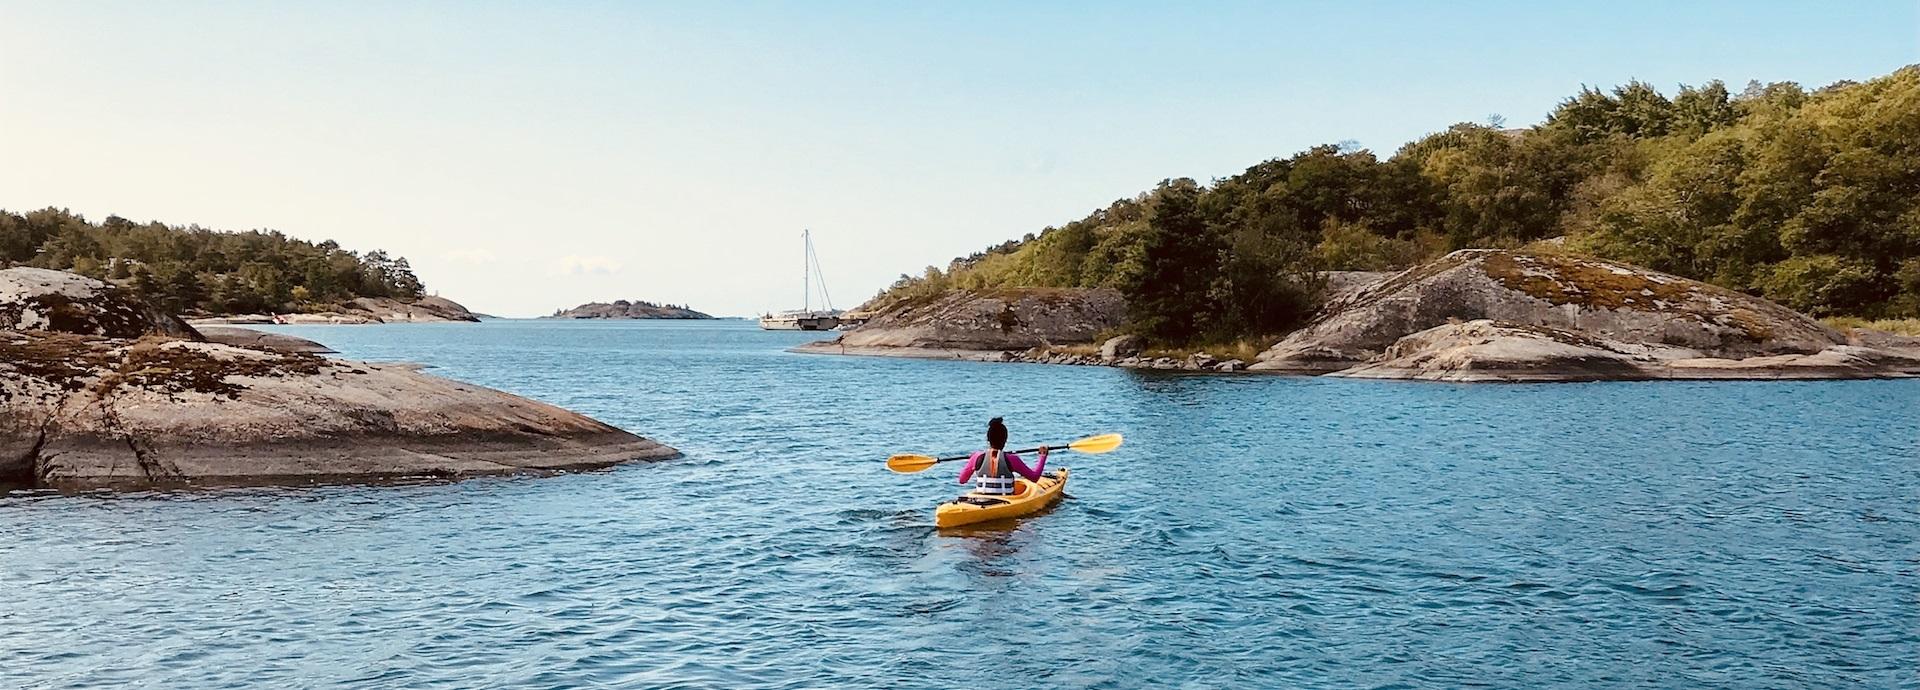 Marelly Lanza, kayaking